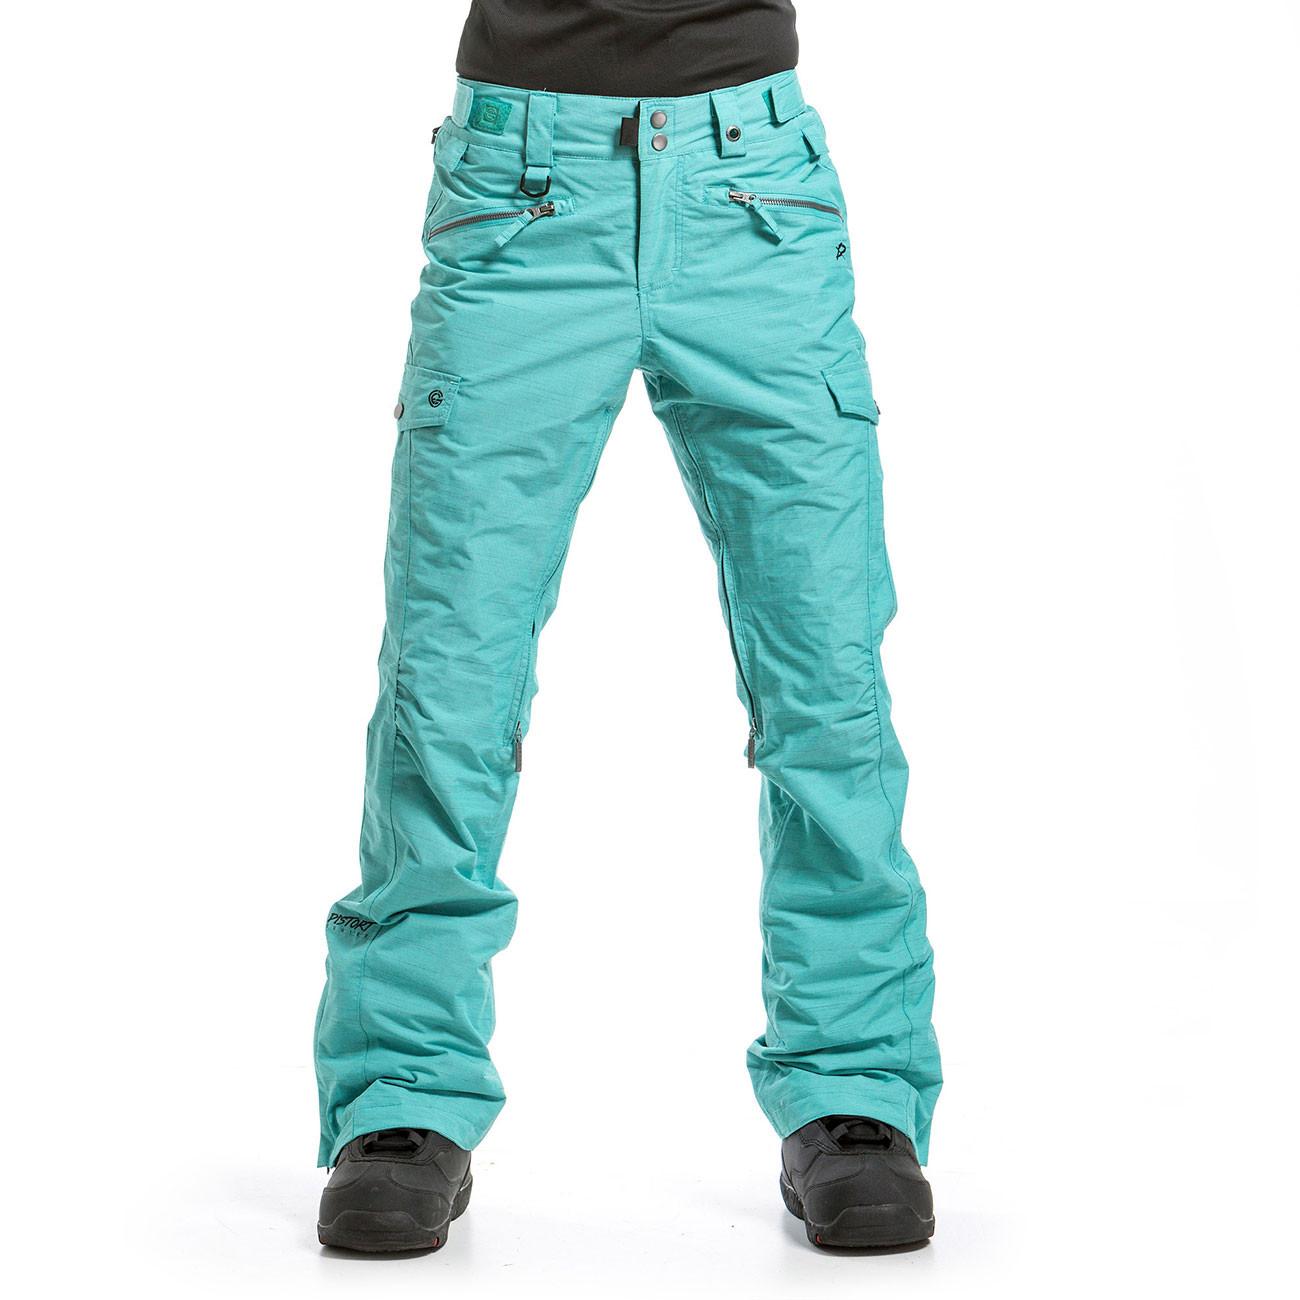 Kalhoty Nugget Frida 3 heather mint